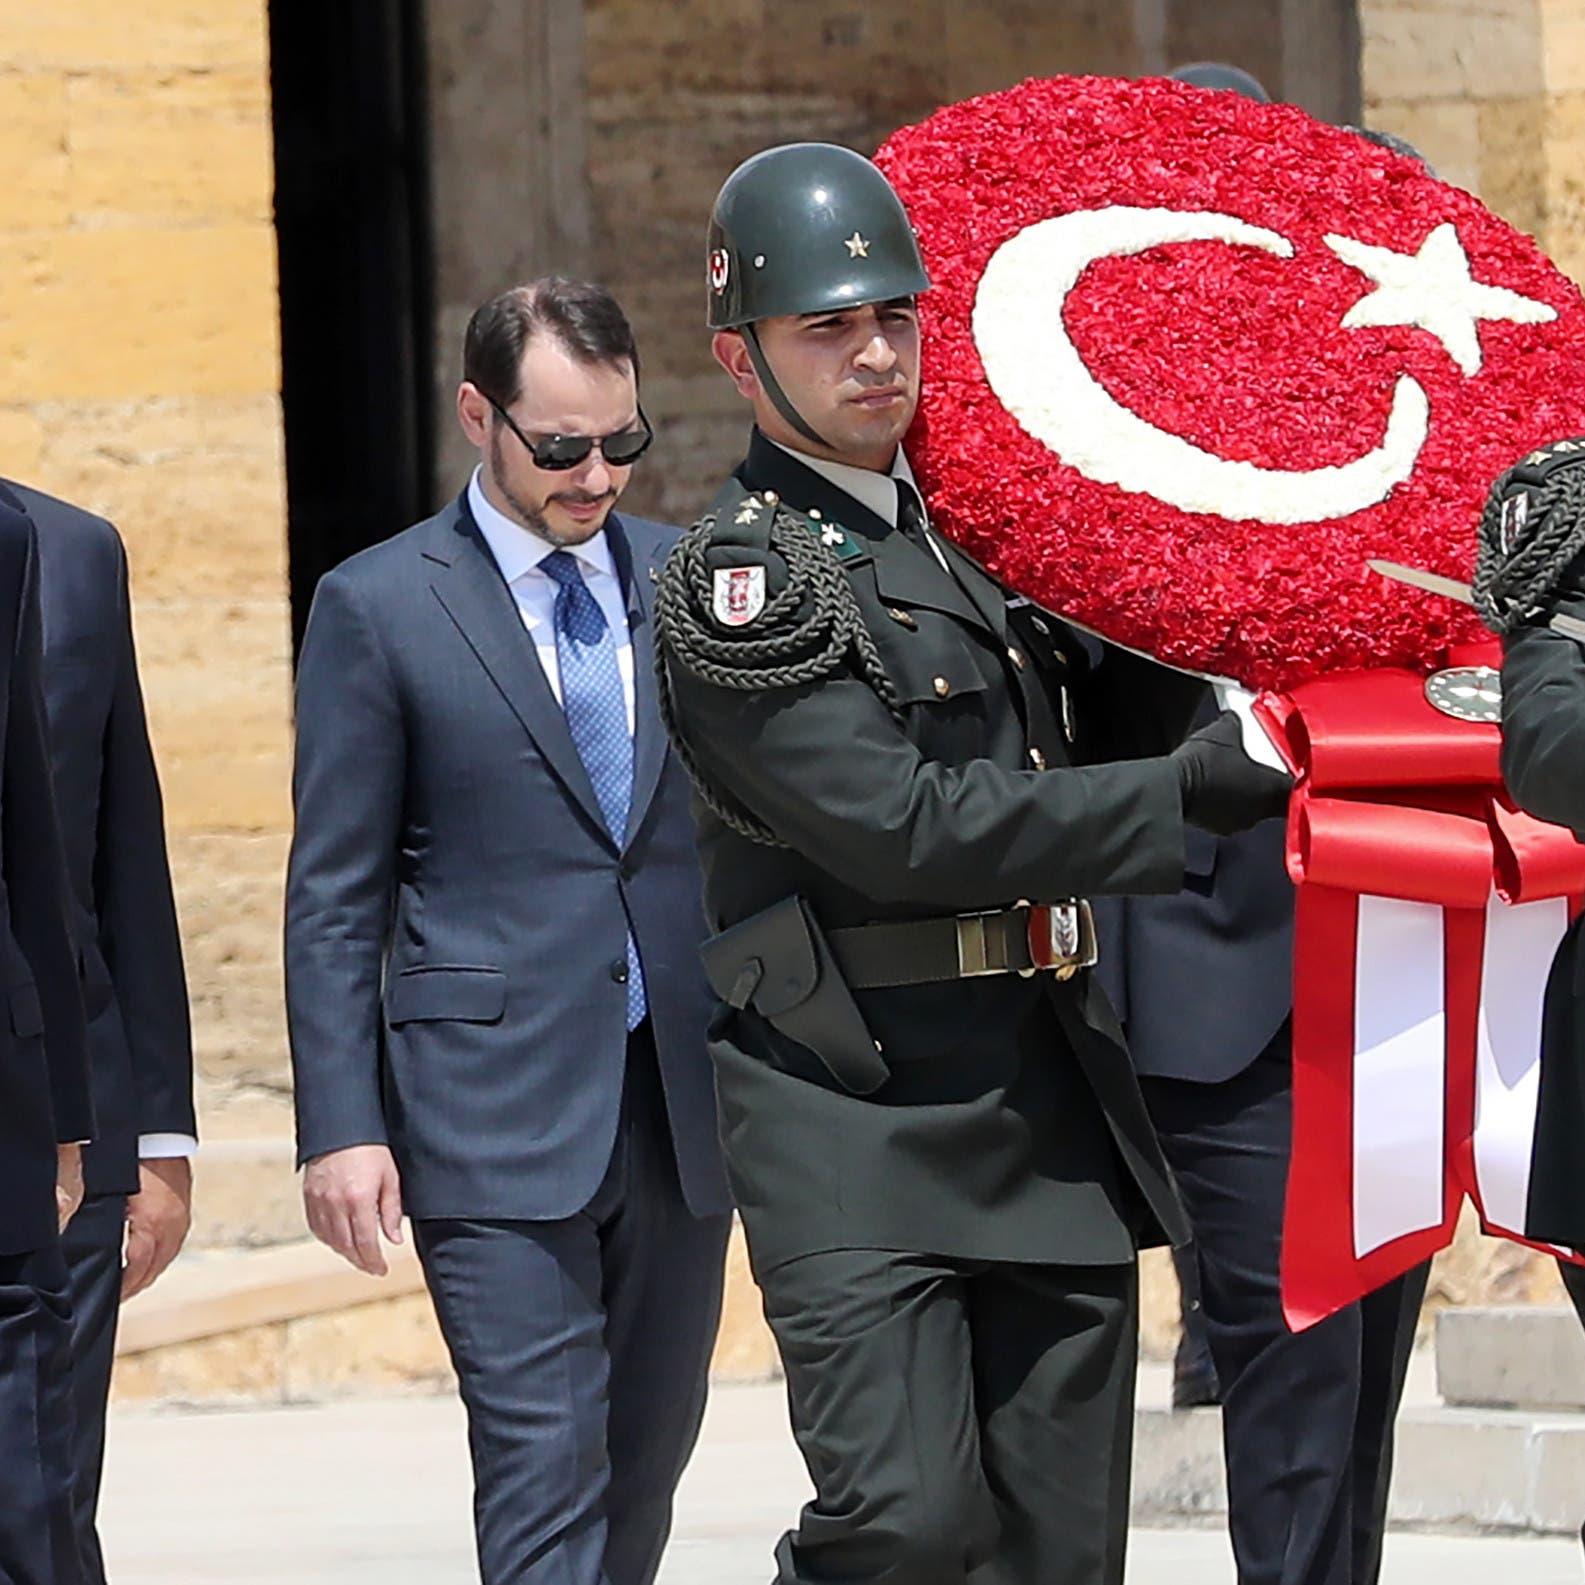 المعارضة التركية: أردوغان يدير الدولة كشركة عائلية